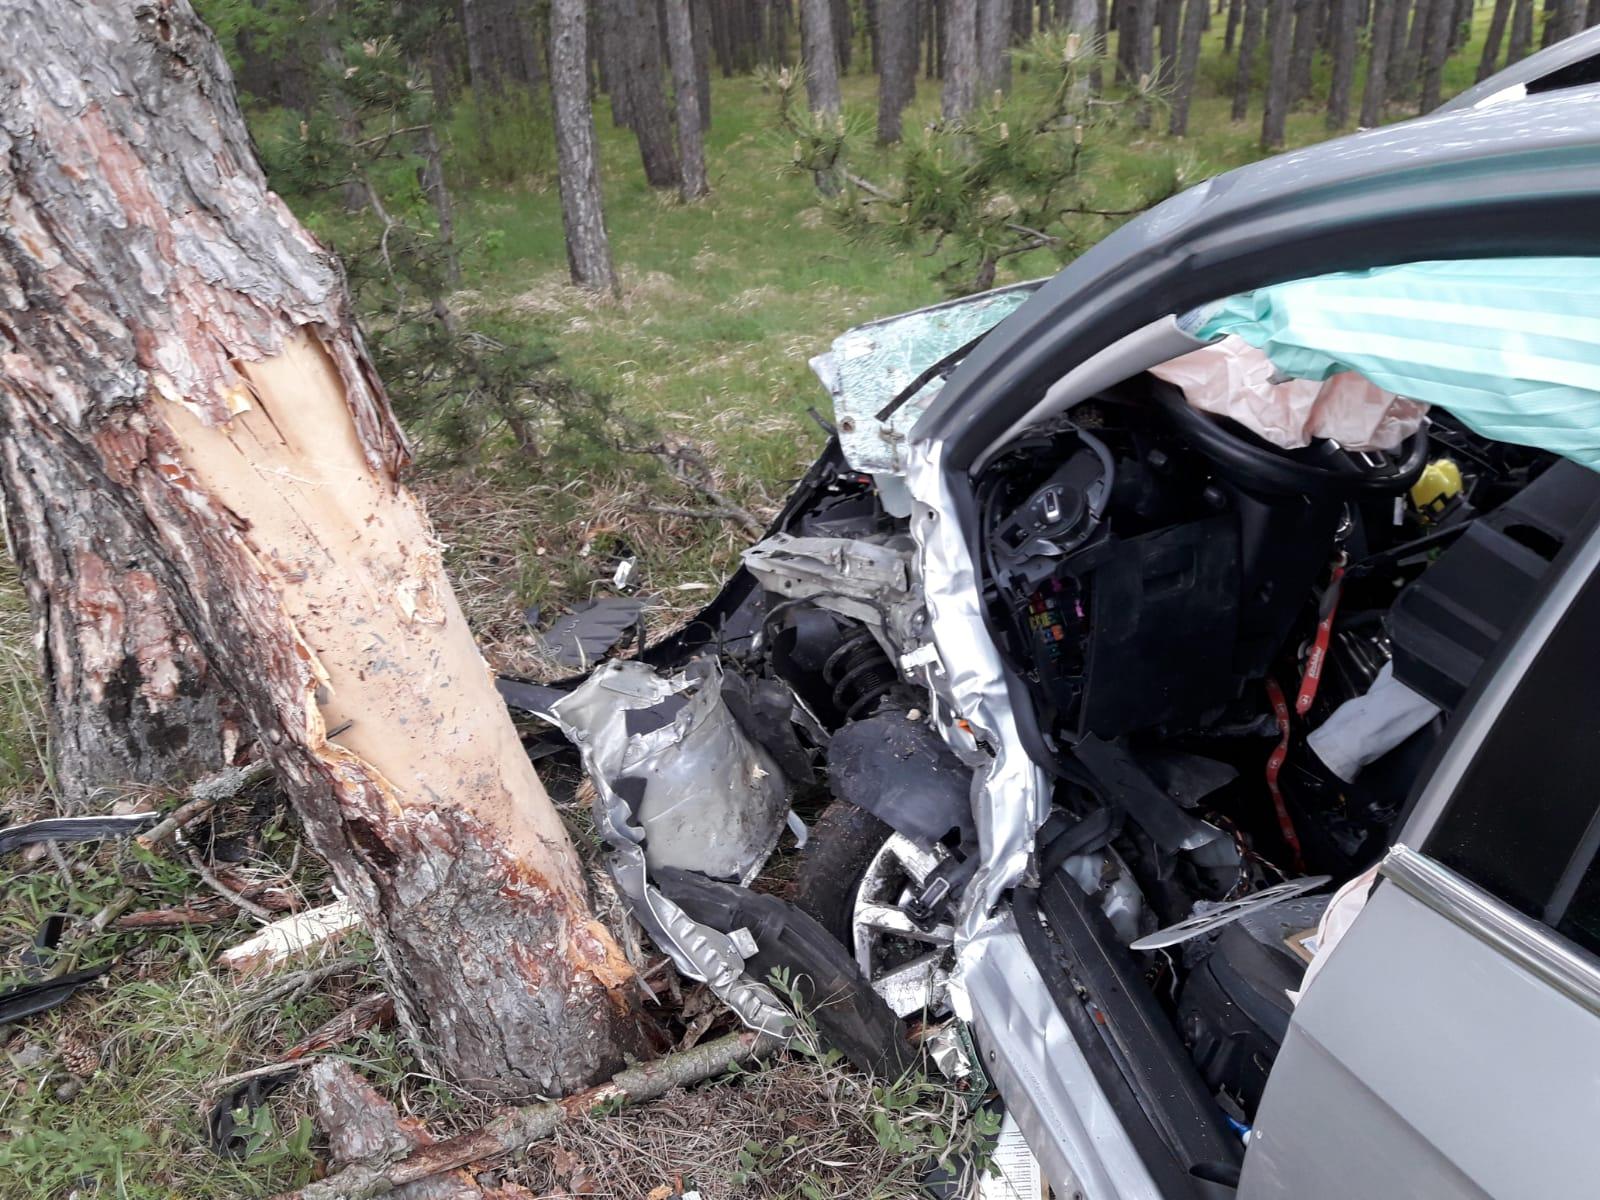 Florianis befreiten nach Unfall eingeklemmten Lenker